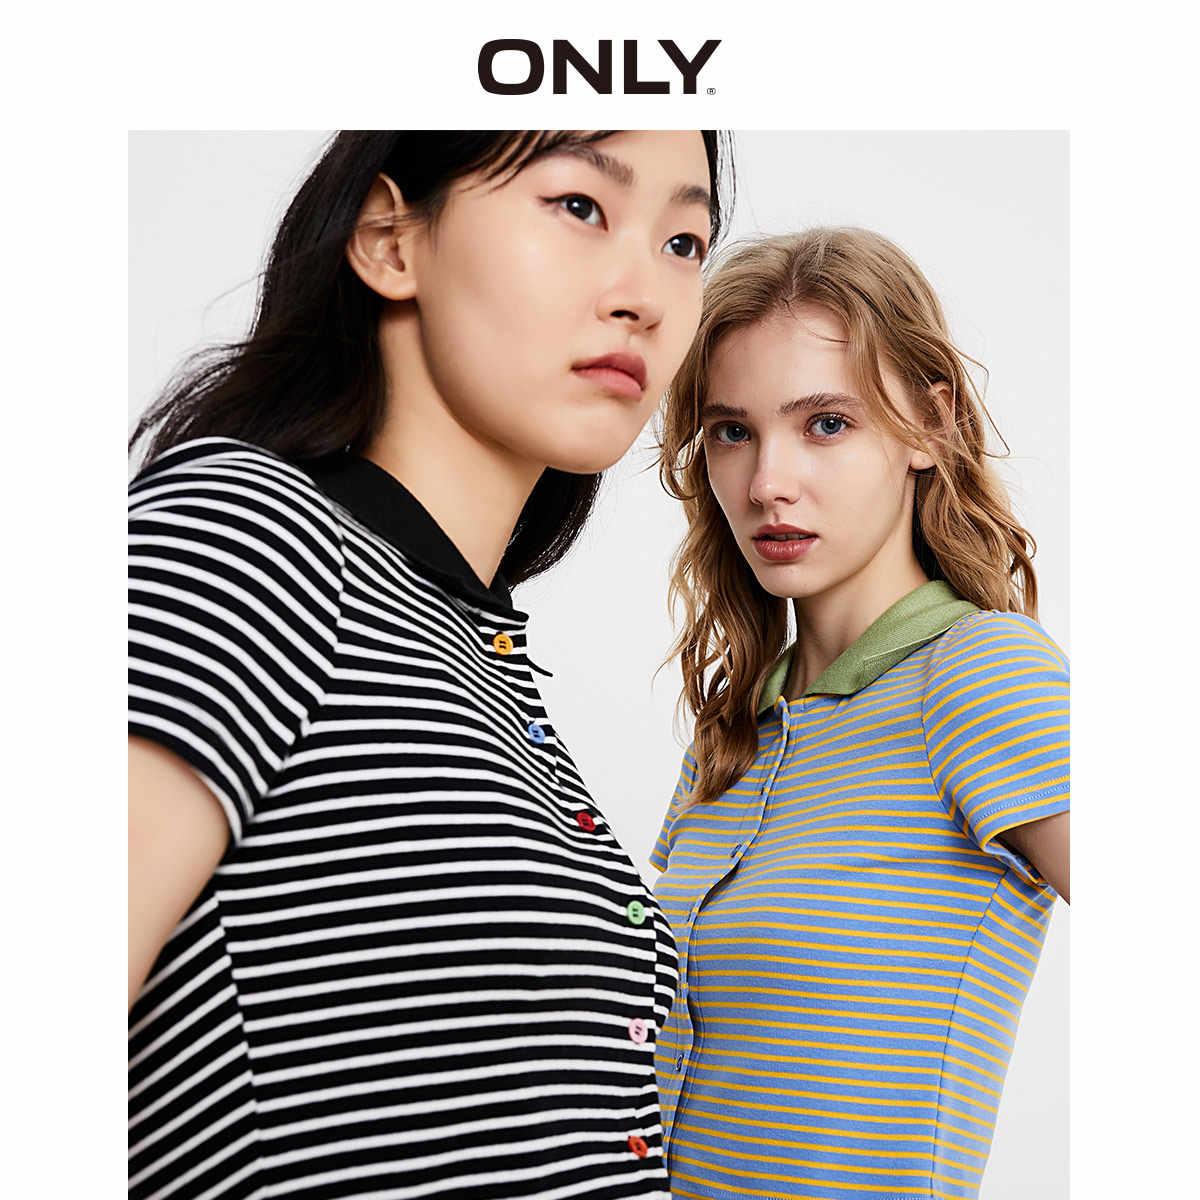 슬림 피트 컬러 스트 라이프 반팔 Midriff-baring 티셔츠 | 120101644